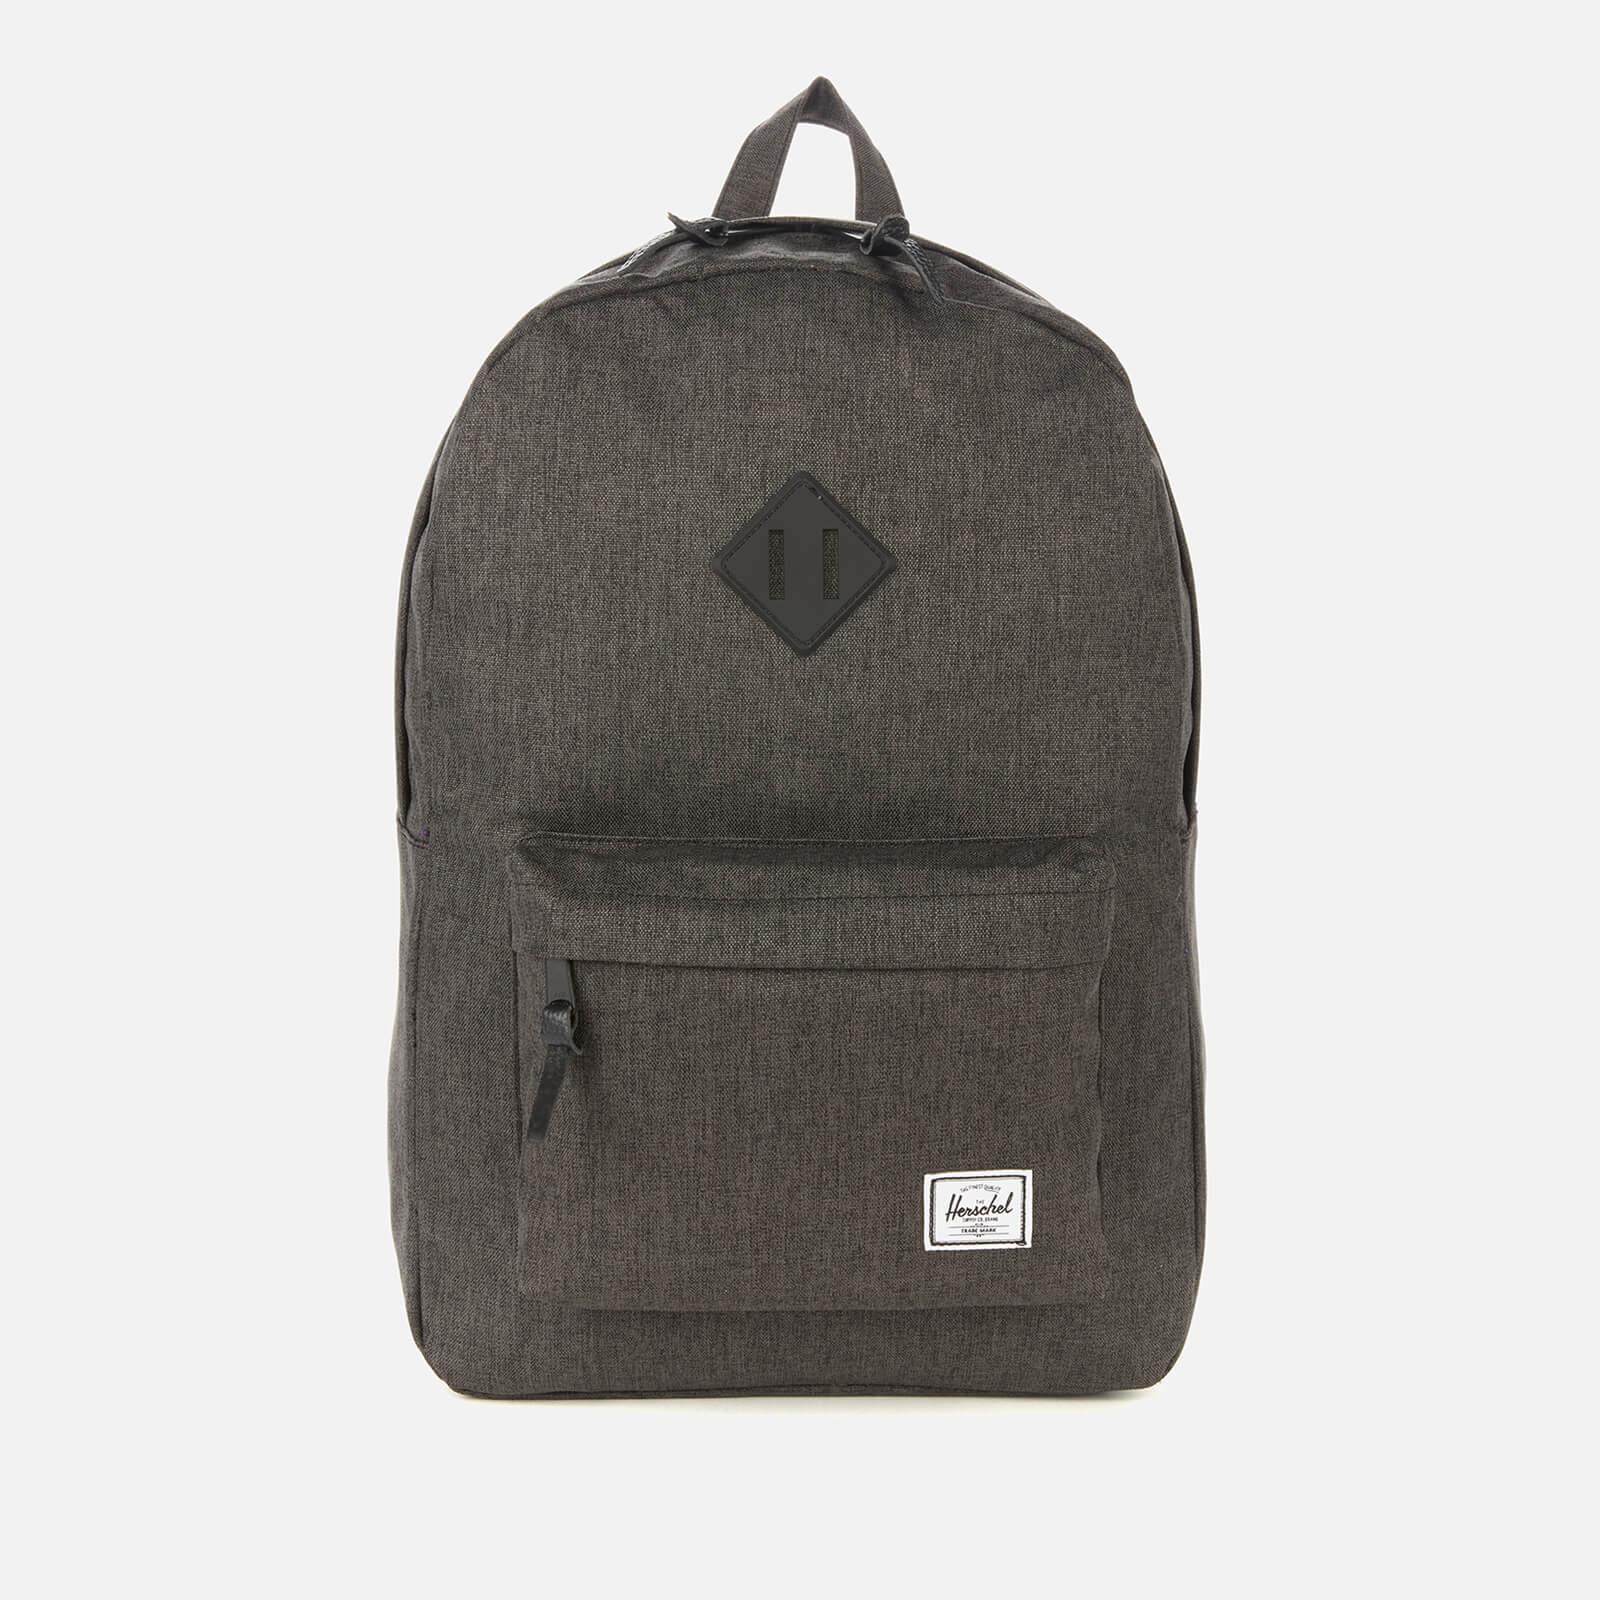 Herschel Supply Co. Men's Heritage Backpack - Black Crosshatch